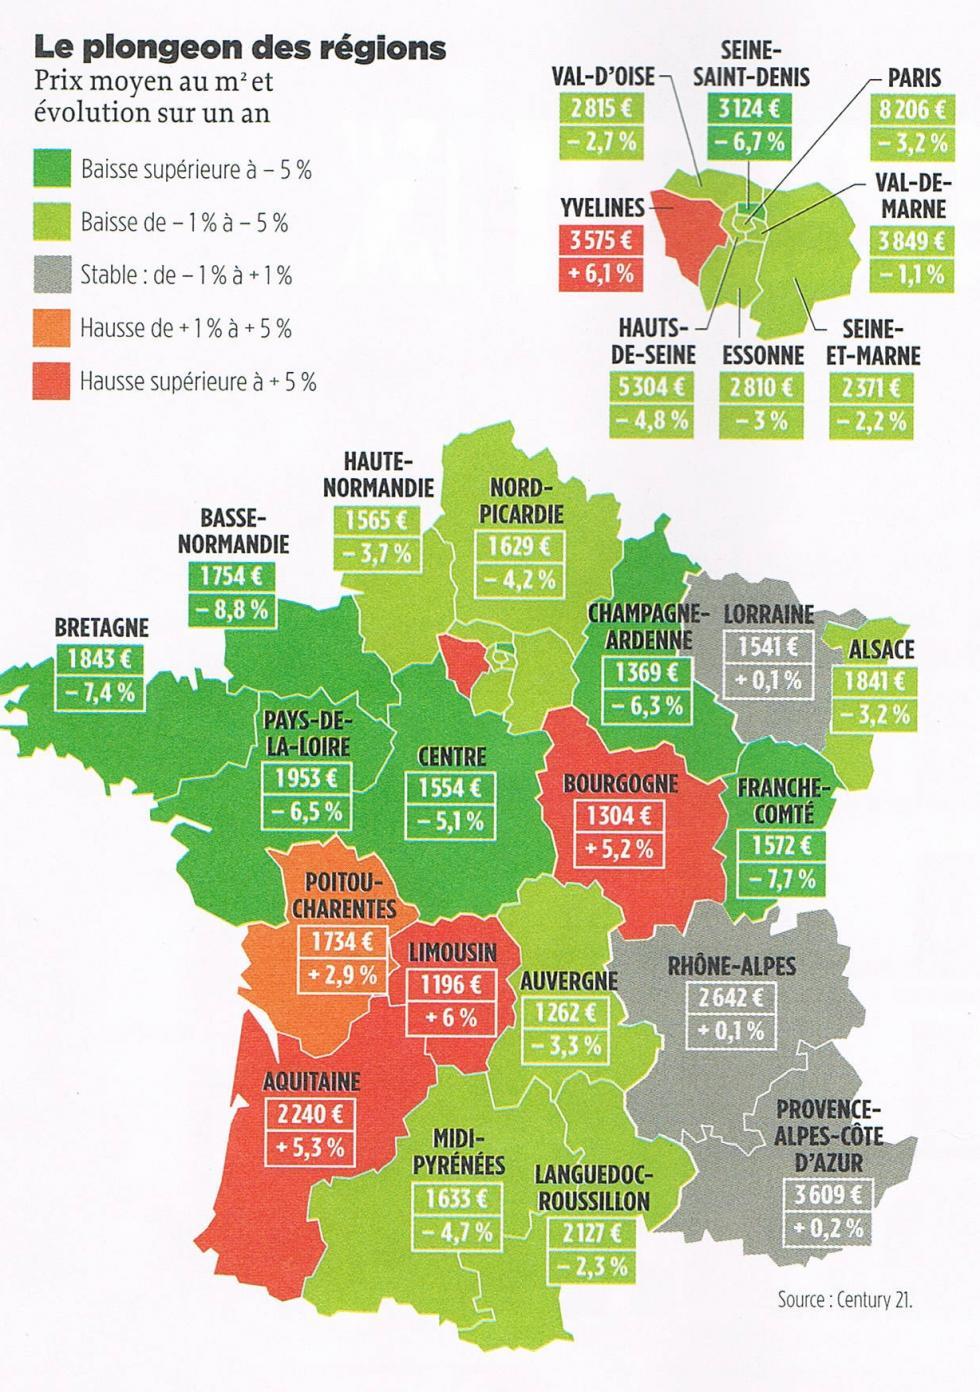 """Tableau tiré du numéro du 29 août 2013 du journal """"Le Point"""" (page 120)."""